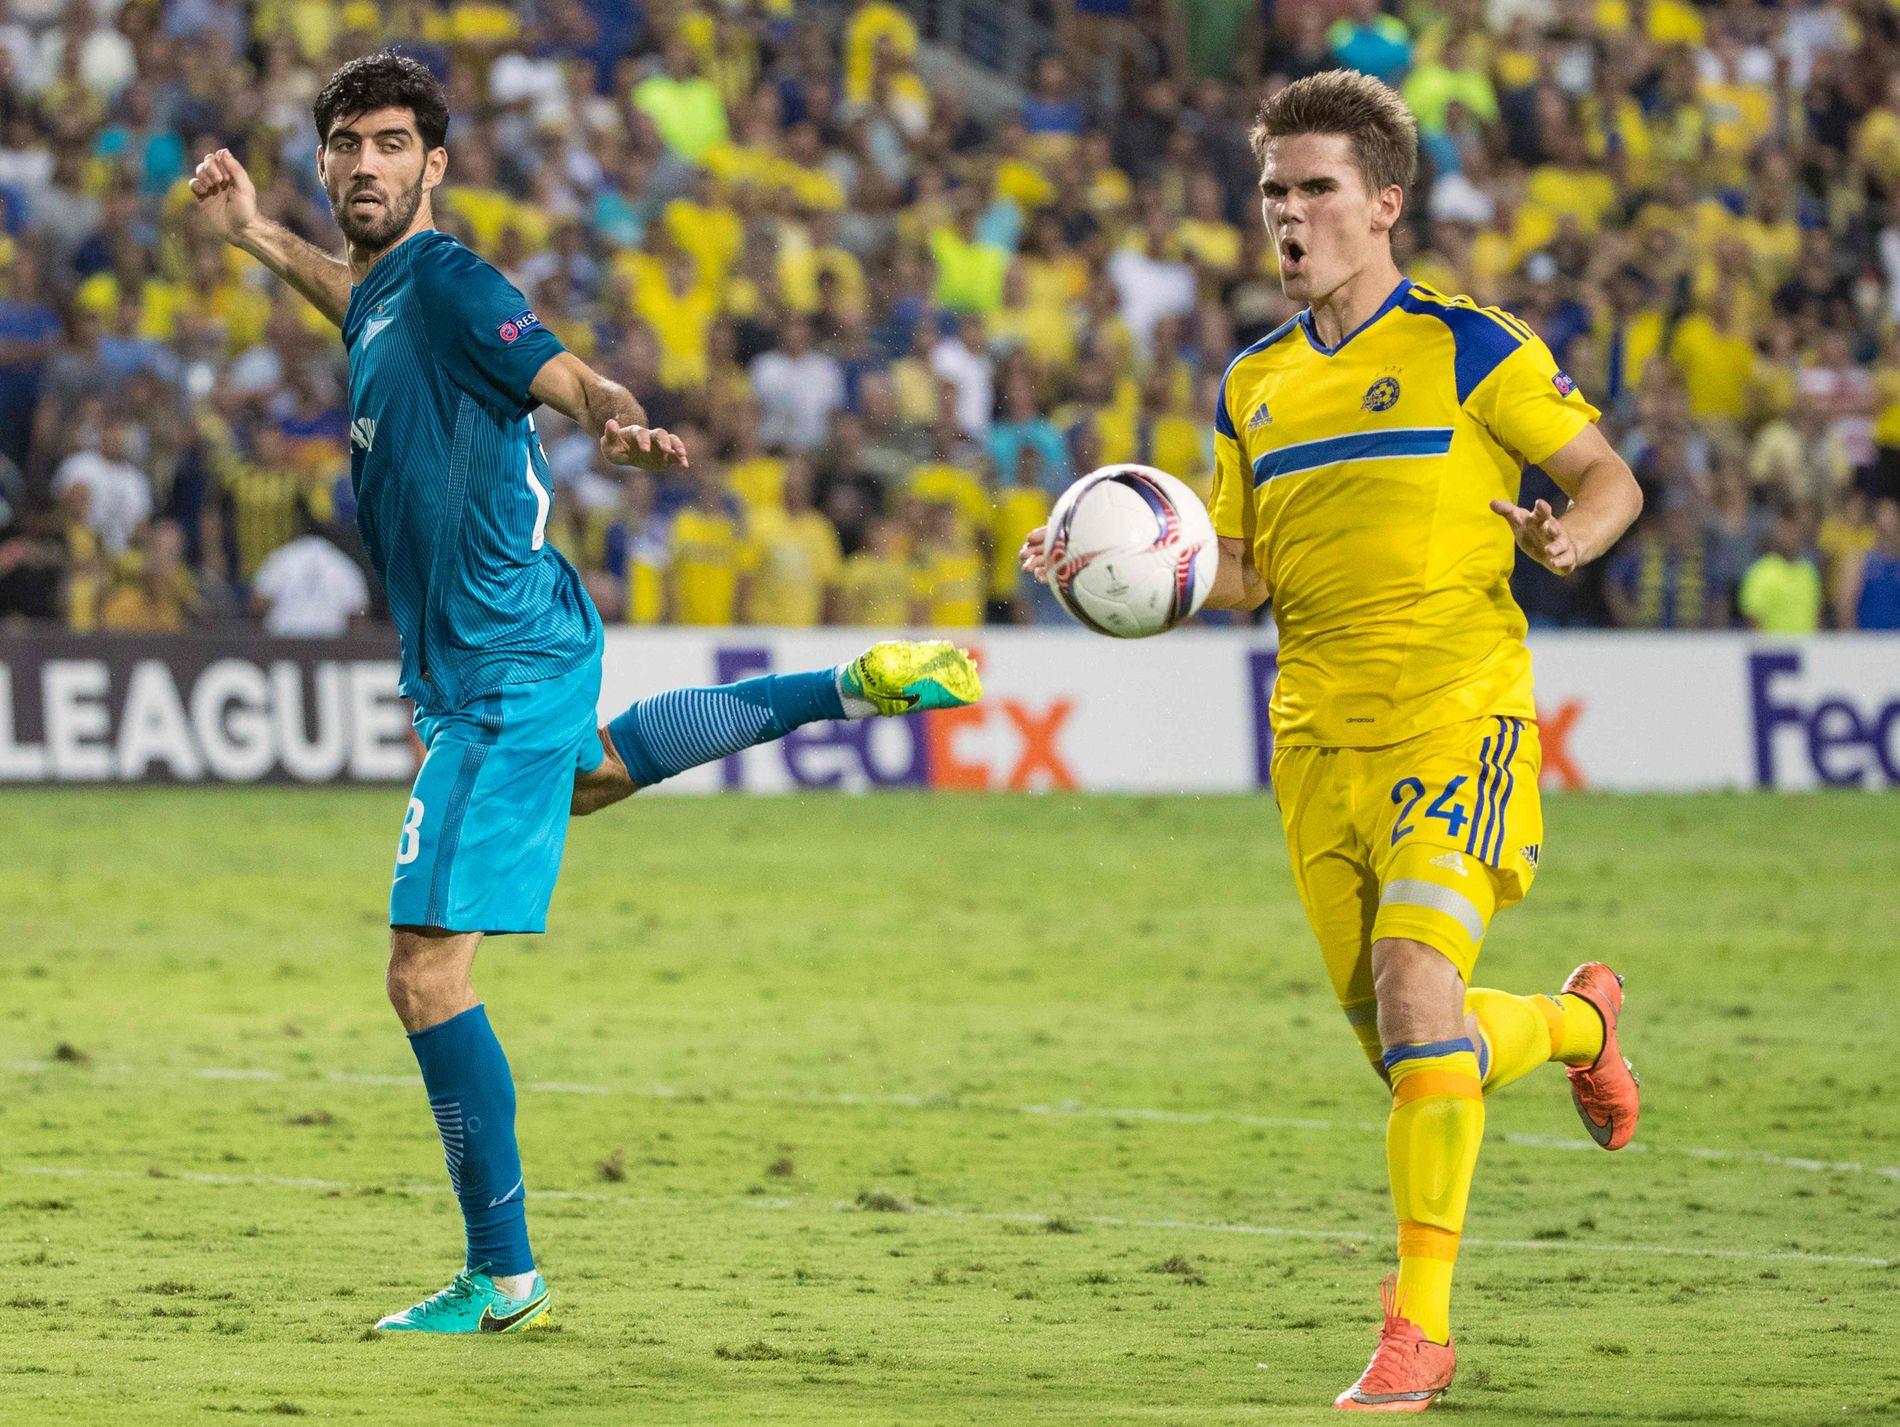 SCORET FOR NY KLUBB: Vidar Örn Kjartansson har åpnet målkontoen for Maccabi Tel Aviv. Den tidligere Vålerenga-spissen scoret ett mål og israelerne ledet 3-0 før Zenit og Luis Neto (t.v) snudde kampen det siste kvarteret.